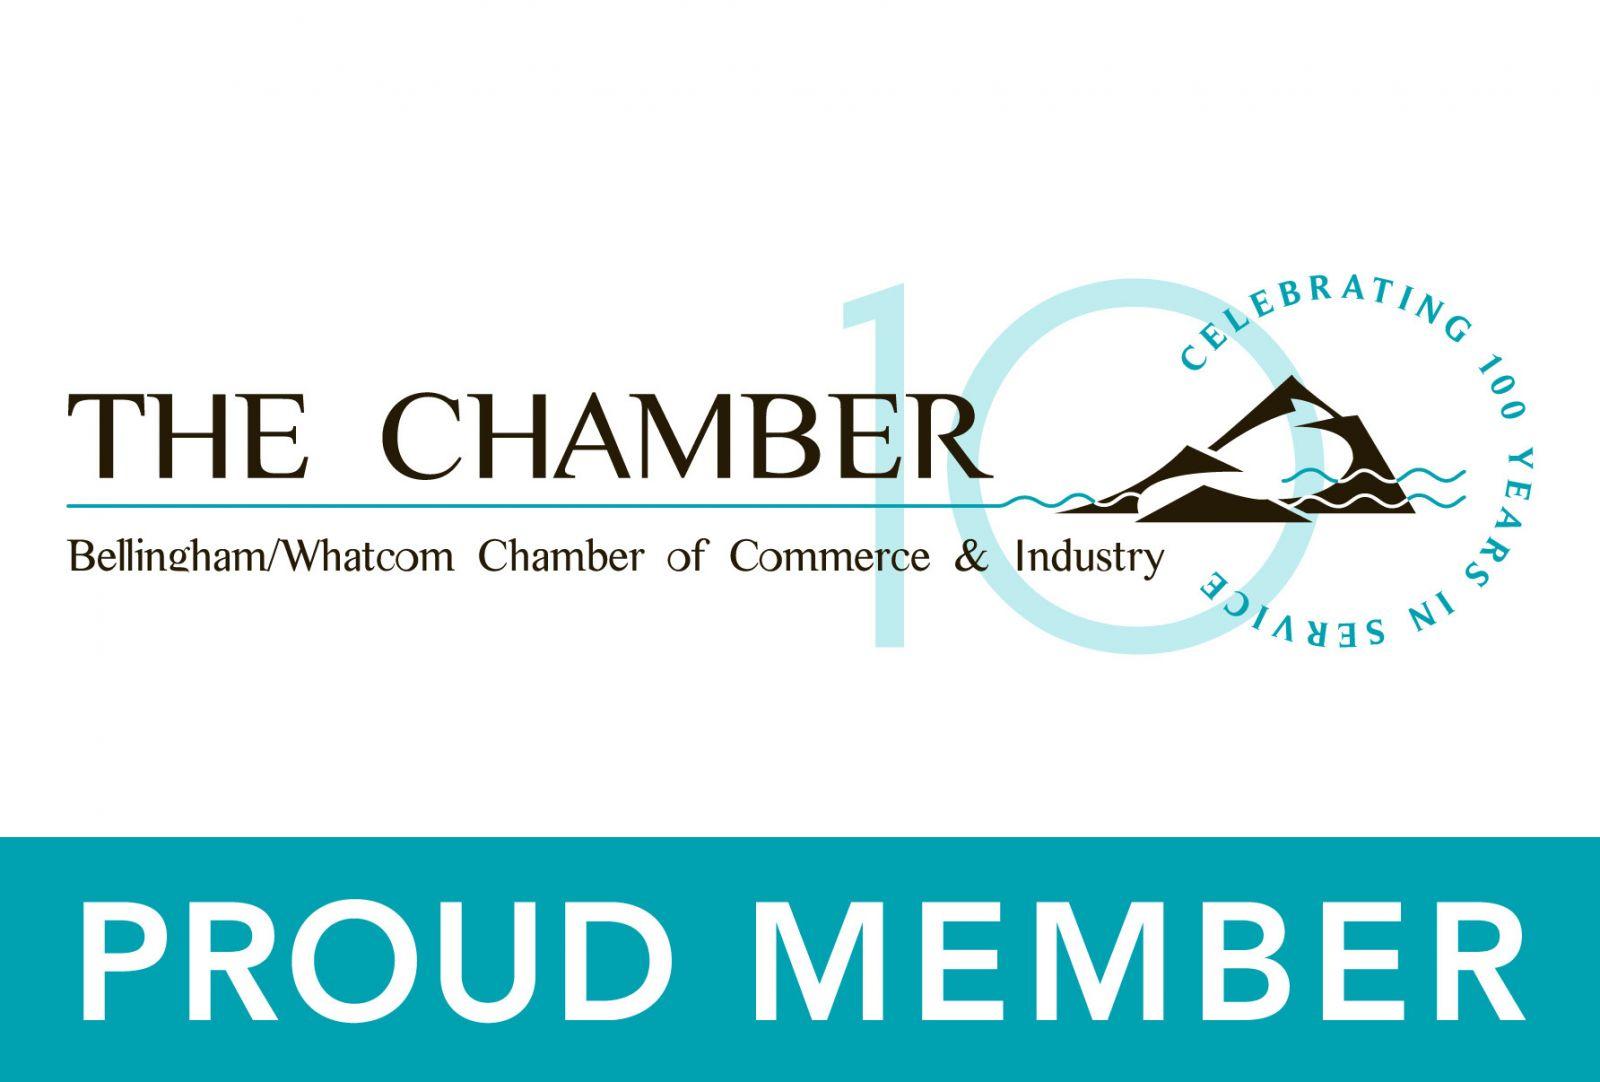 Chamber Of Commerce Member.jpg